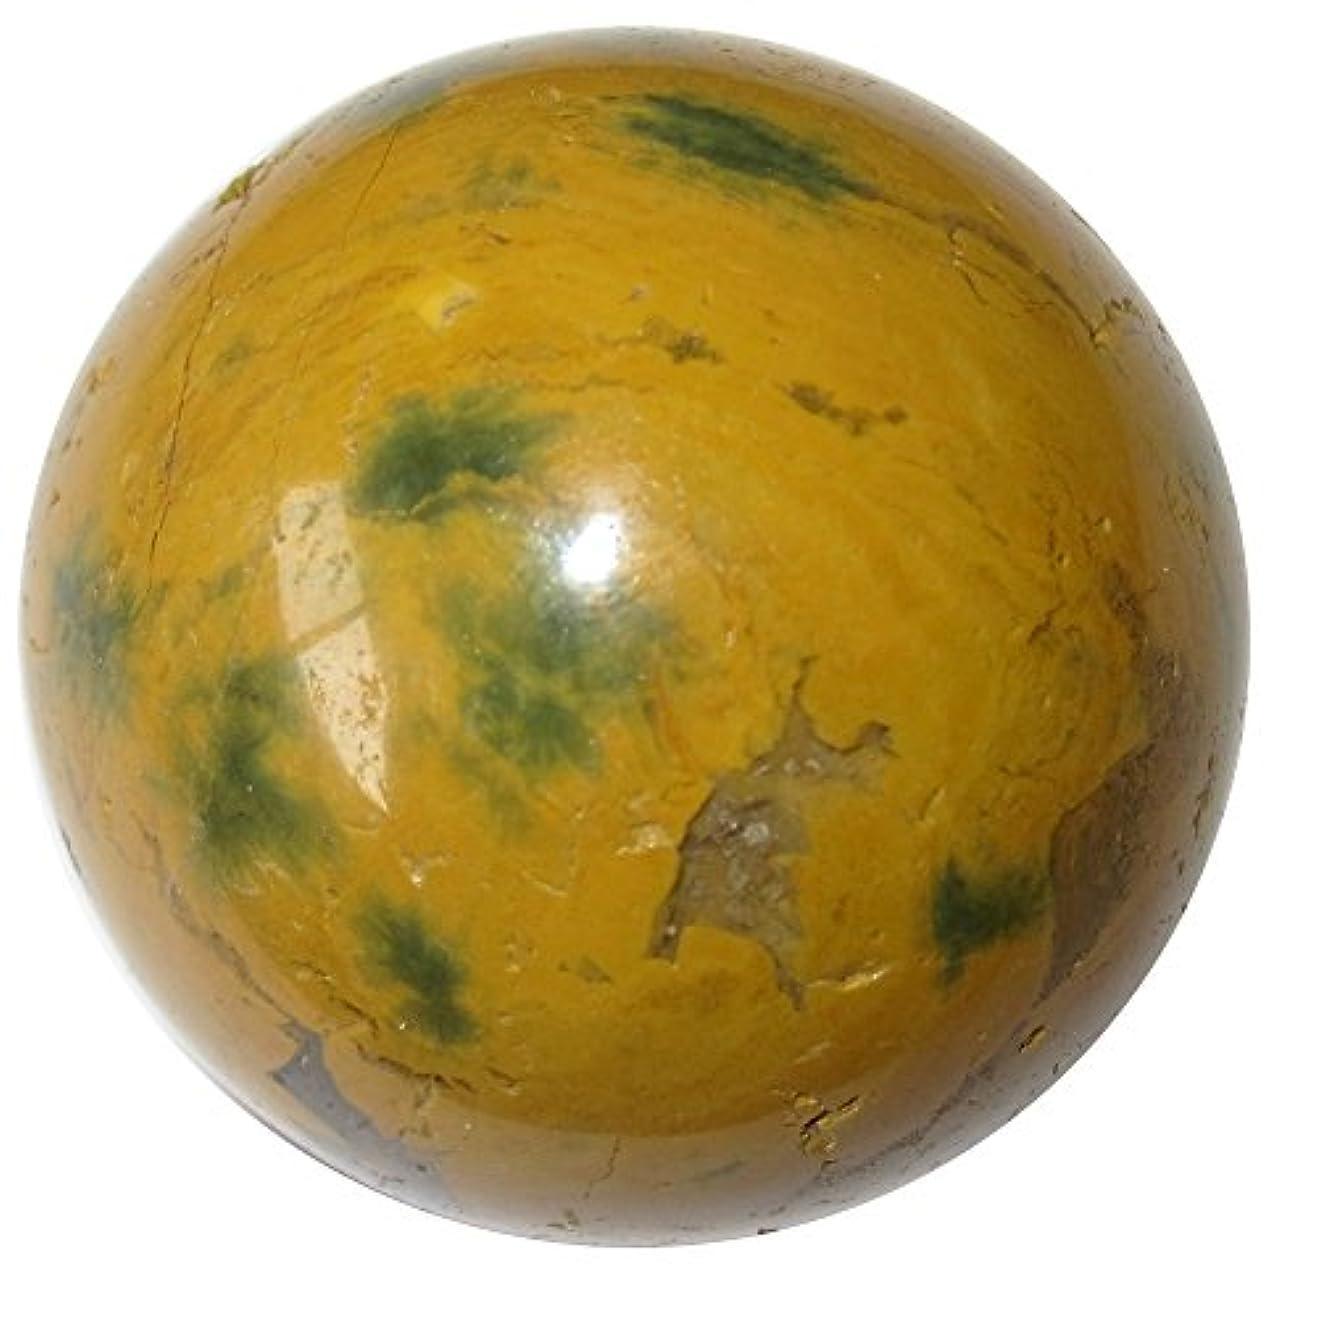 値する視力減衰サテンクリスタルジャスパー海洋ボールプレミアムマダガスカル球水要素エネルギーフローストーンp01 1.6 Inches イエロー jasperoceanball01-mustardgreen-1.6